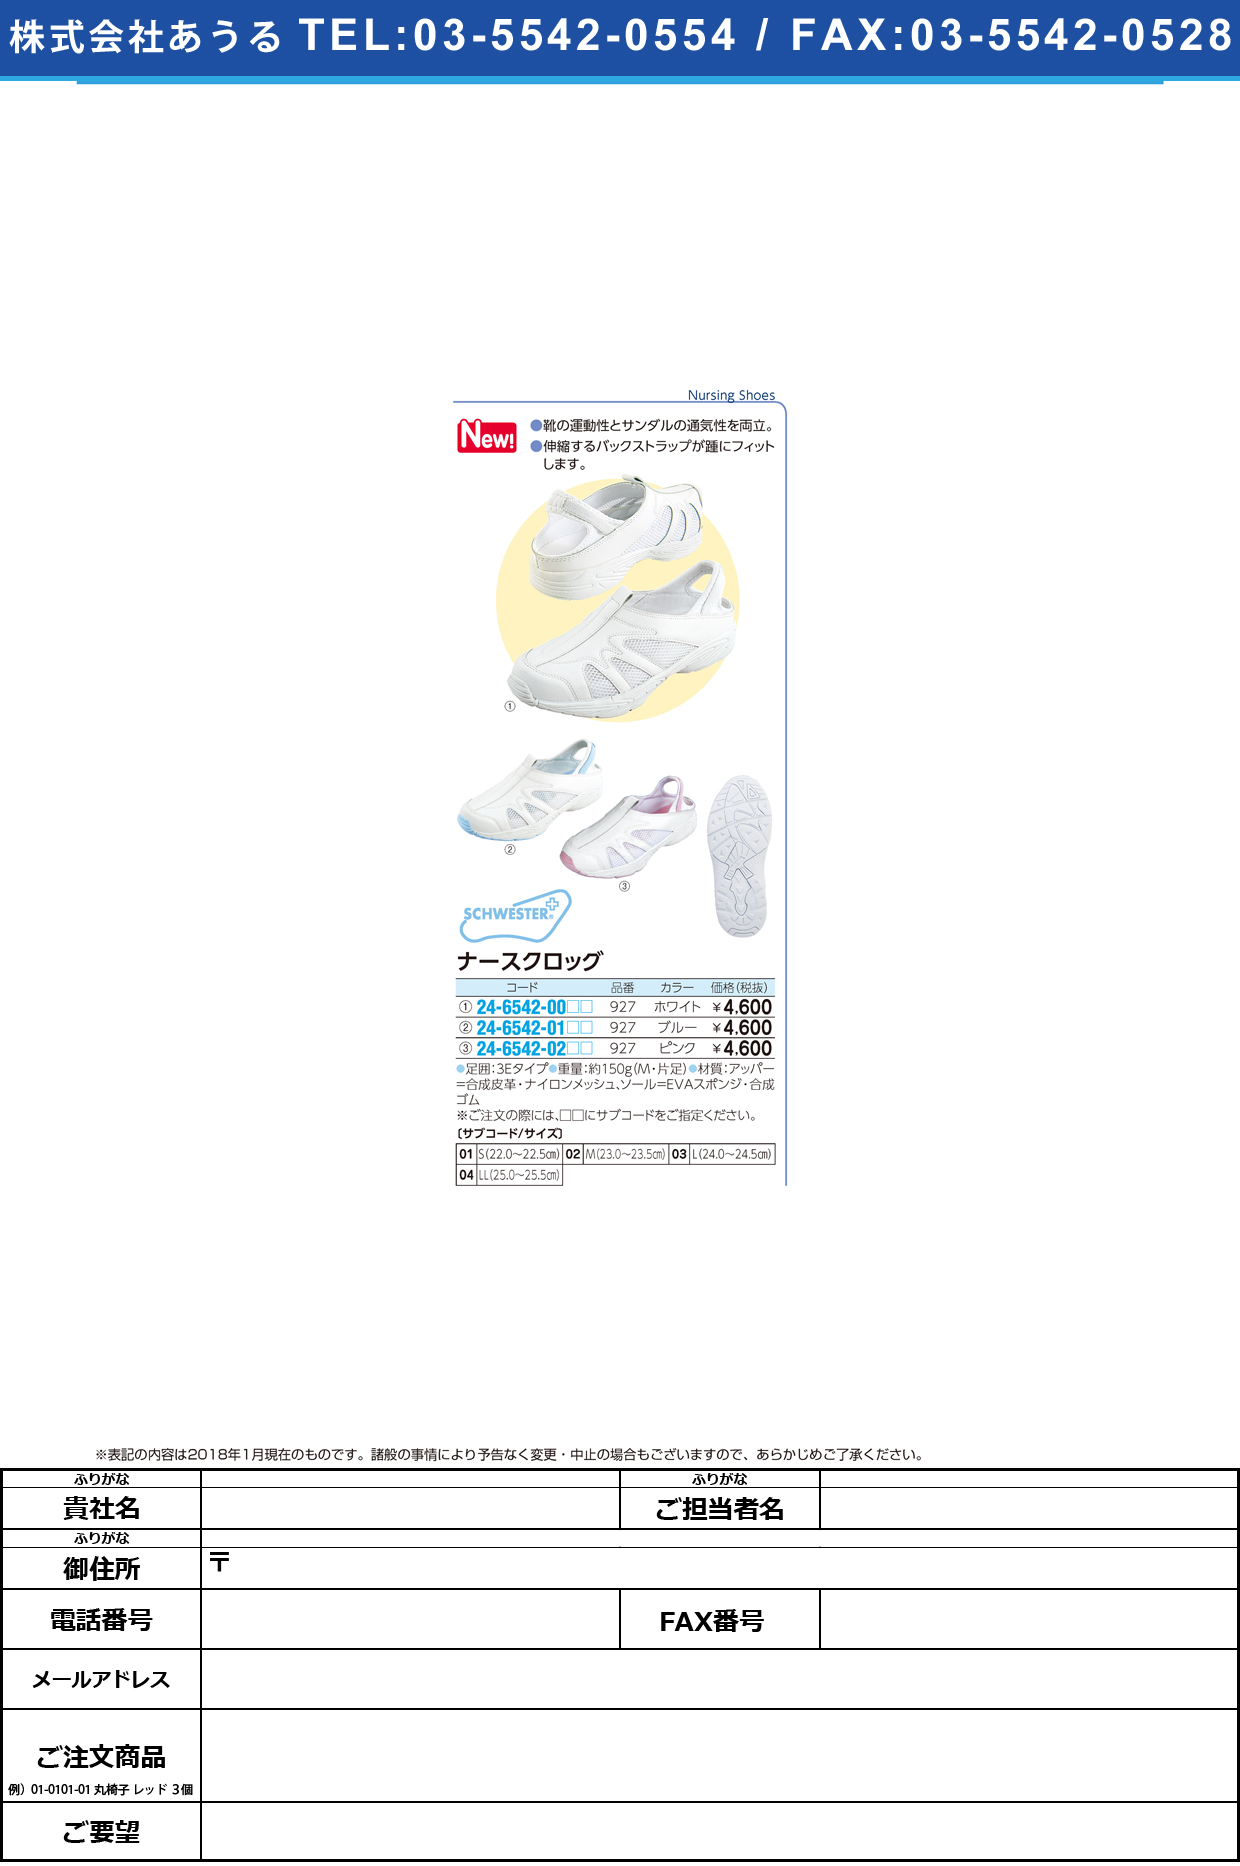 (24-6542-00)ナースクロッグ 927(ホワイト) ナースクロッグ S(22.0−22.5cm)【1足単位】【2018年カタログ商品】